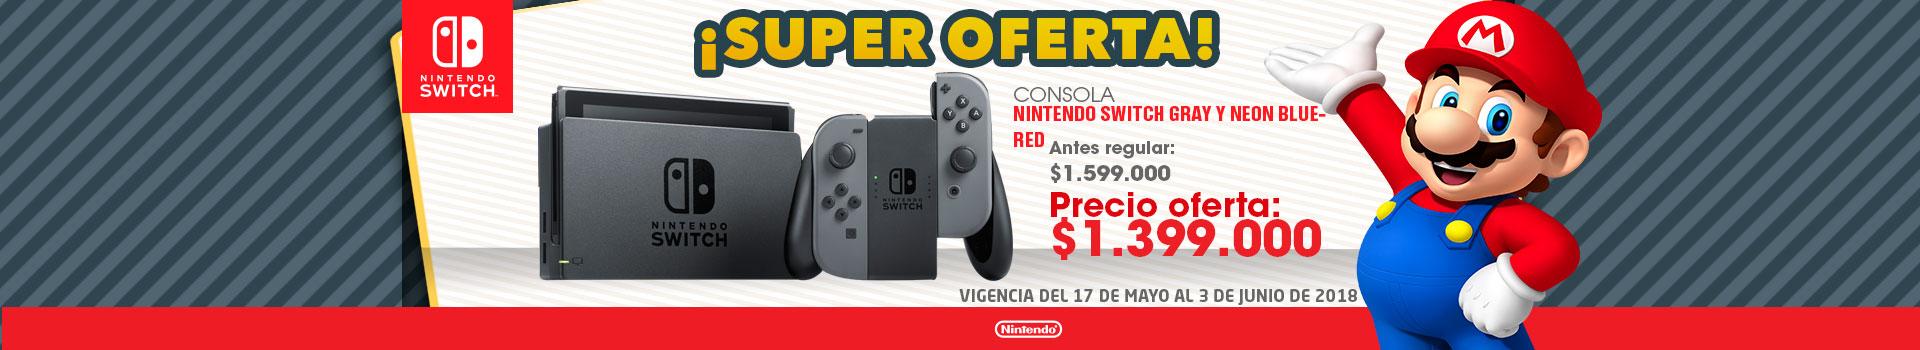 AK-KT-HIPER-10-videojuegos-PP---Nintendo-switch-May23